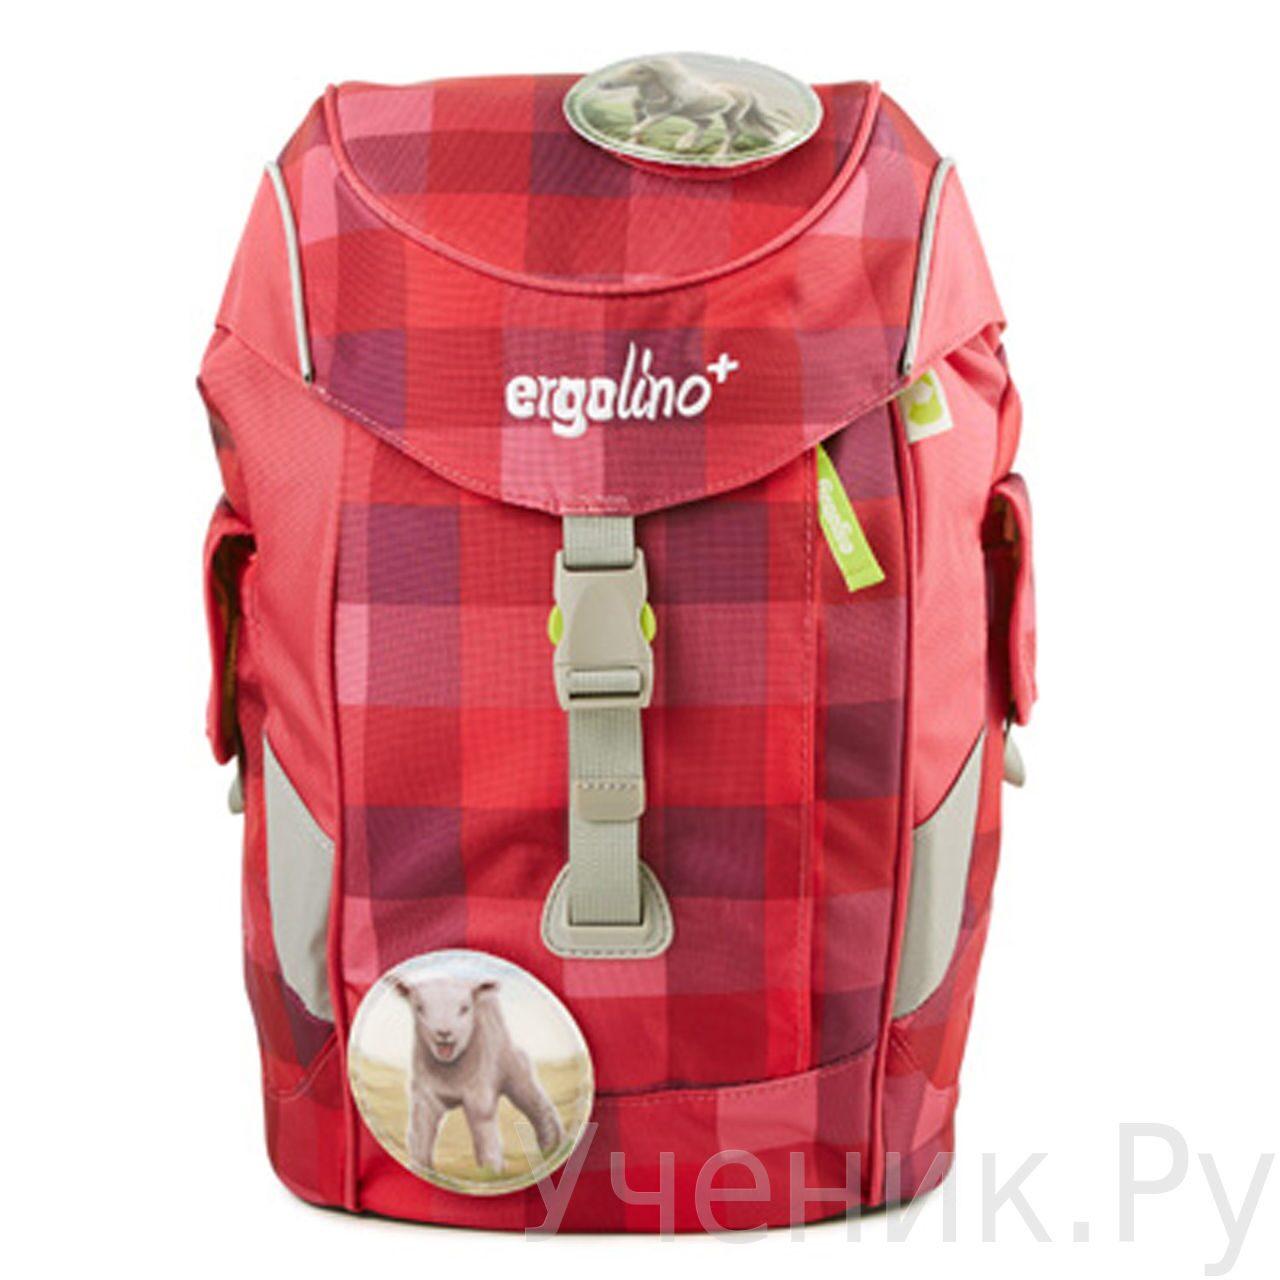 """Детский рюкзак Ergobag для дошкольников модель """"ERGOLINO+"""" Schniekokara Ergobag (Германия) ERL-MAX-001-918"""